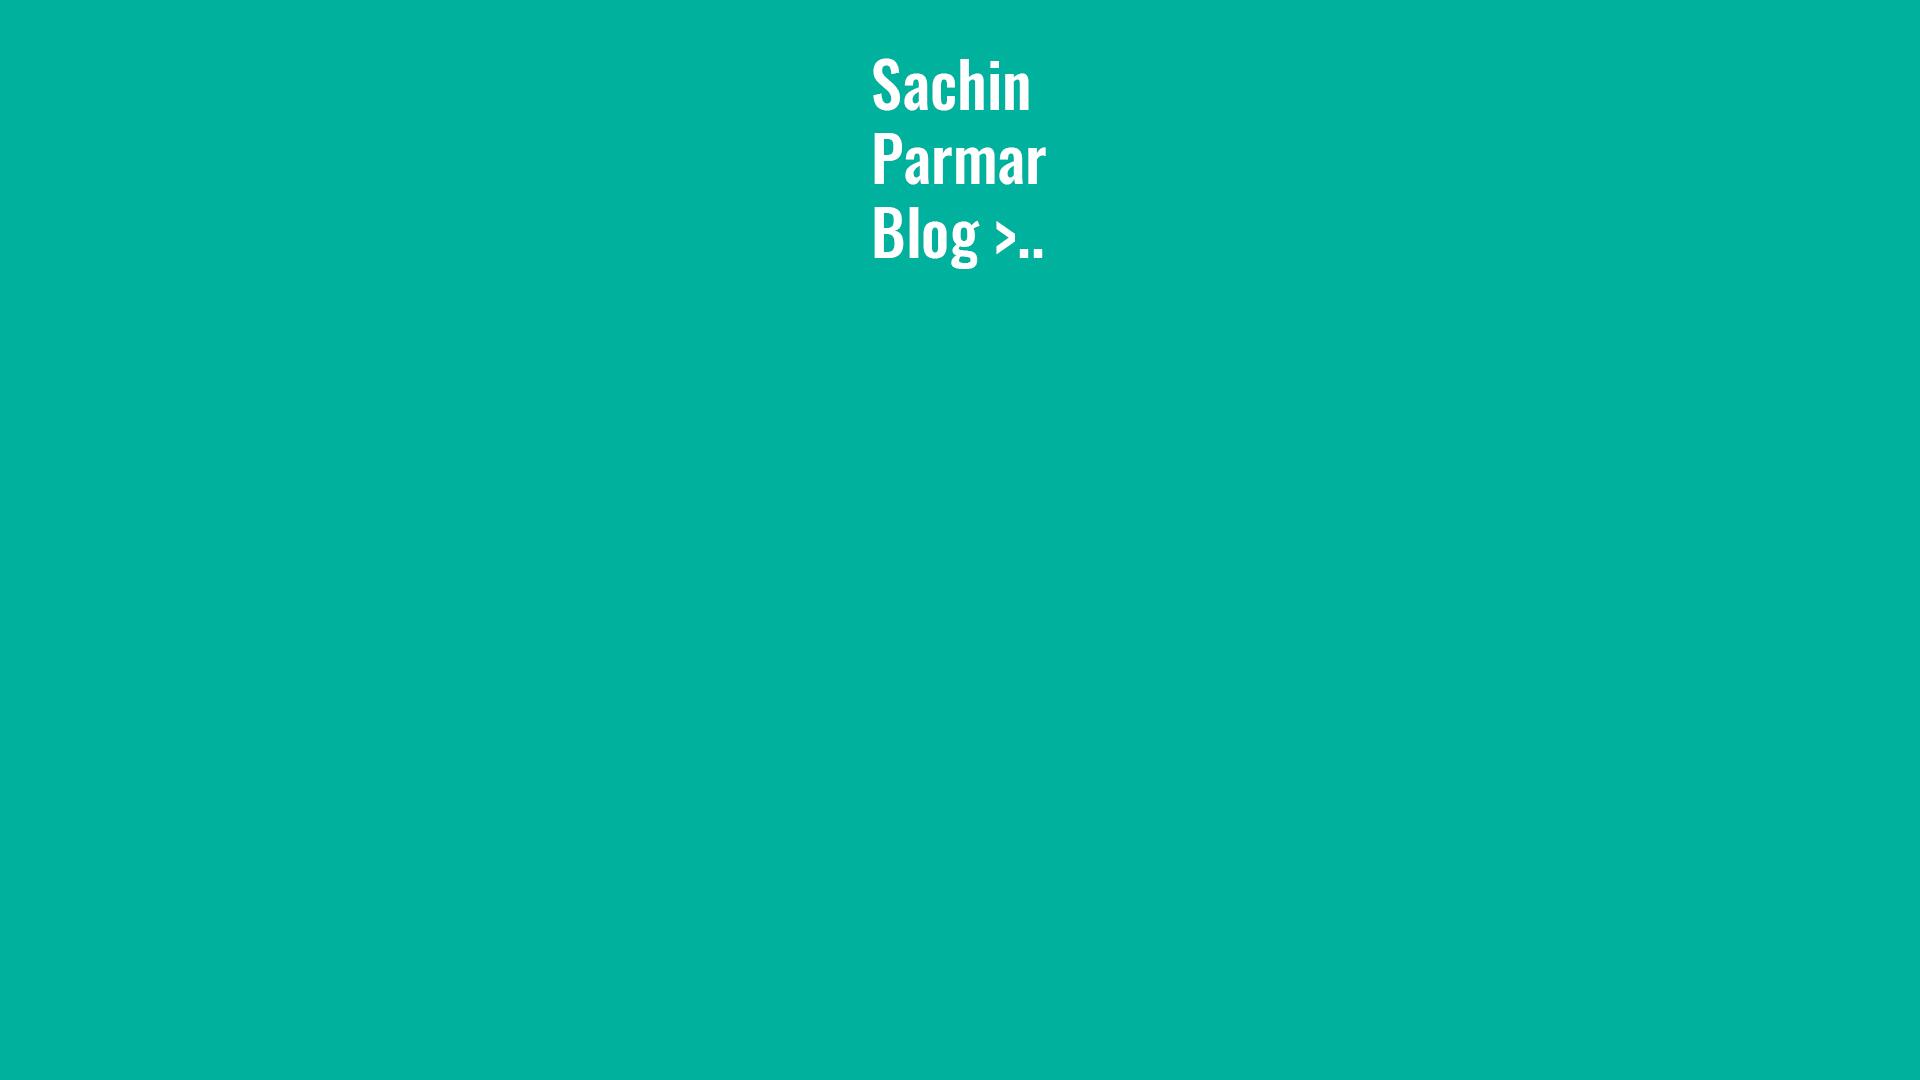 Changing the Login Screen Wallpaper on Mac OS X | Sachin